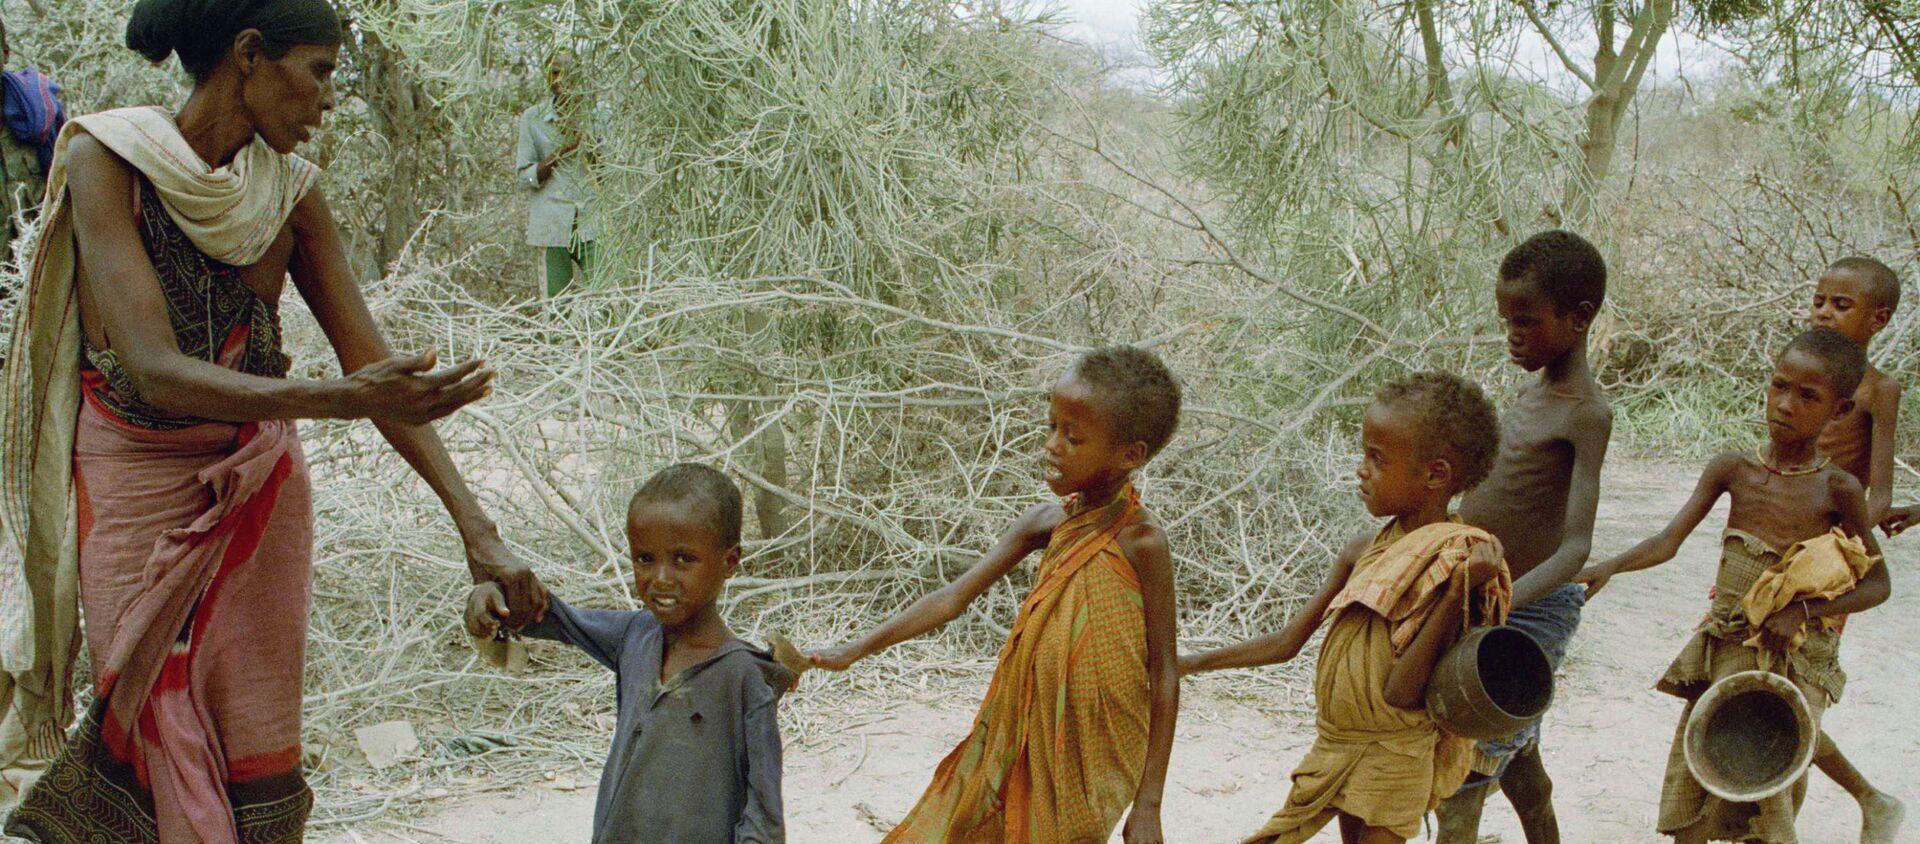 Głodujące dzieci w Somalii - Sputnik Polska, 1920, 16.02.2021